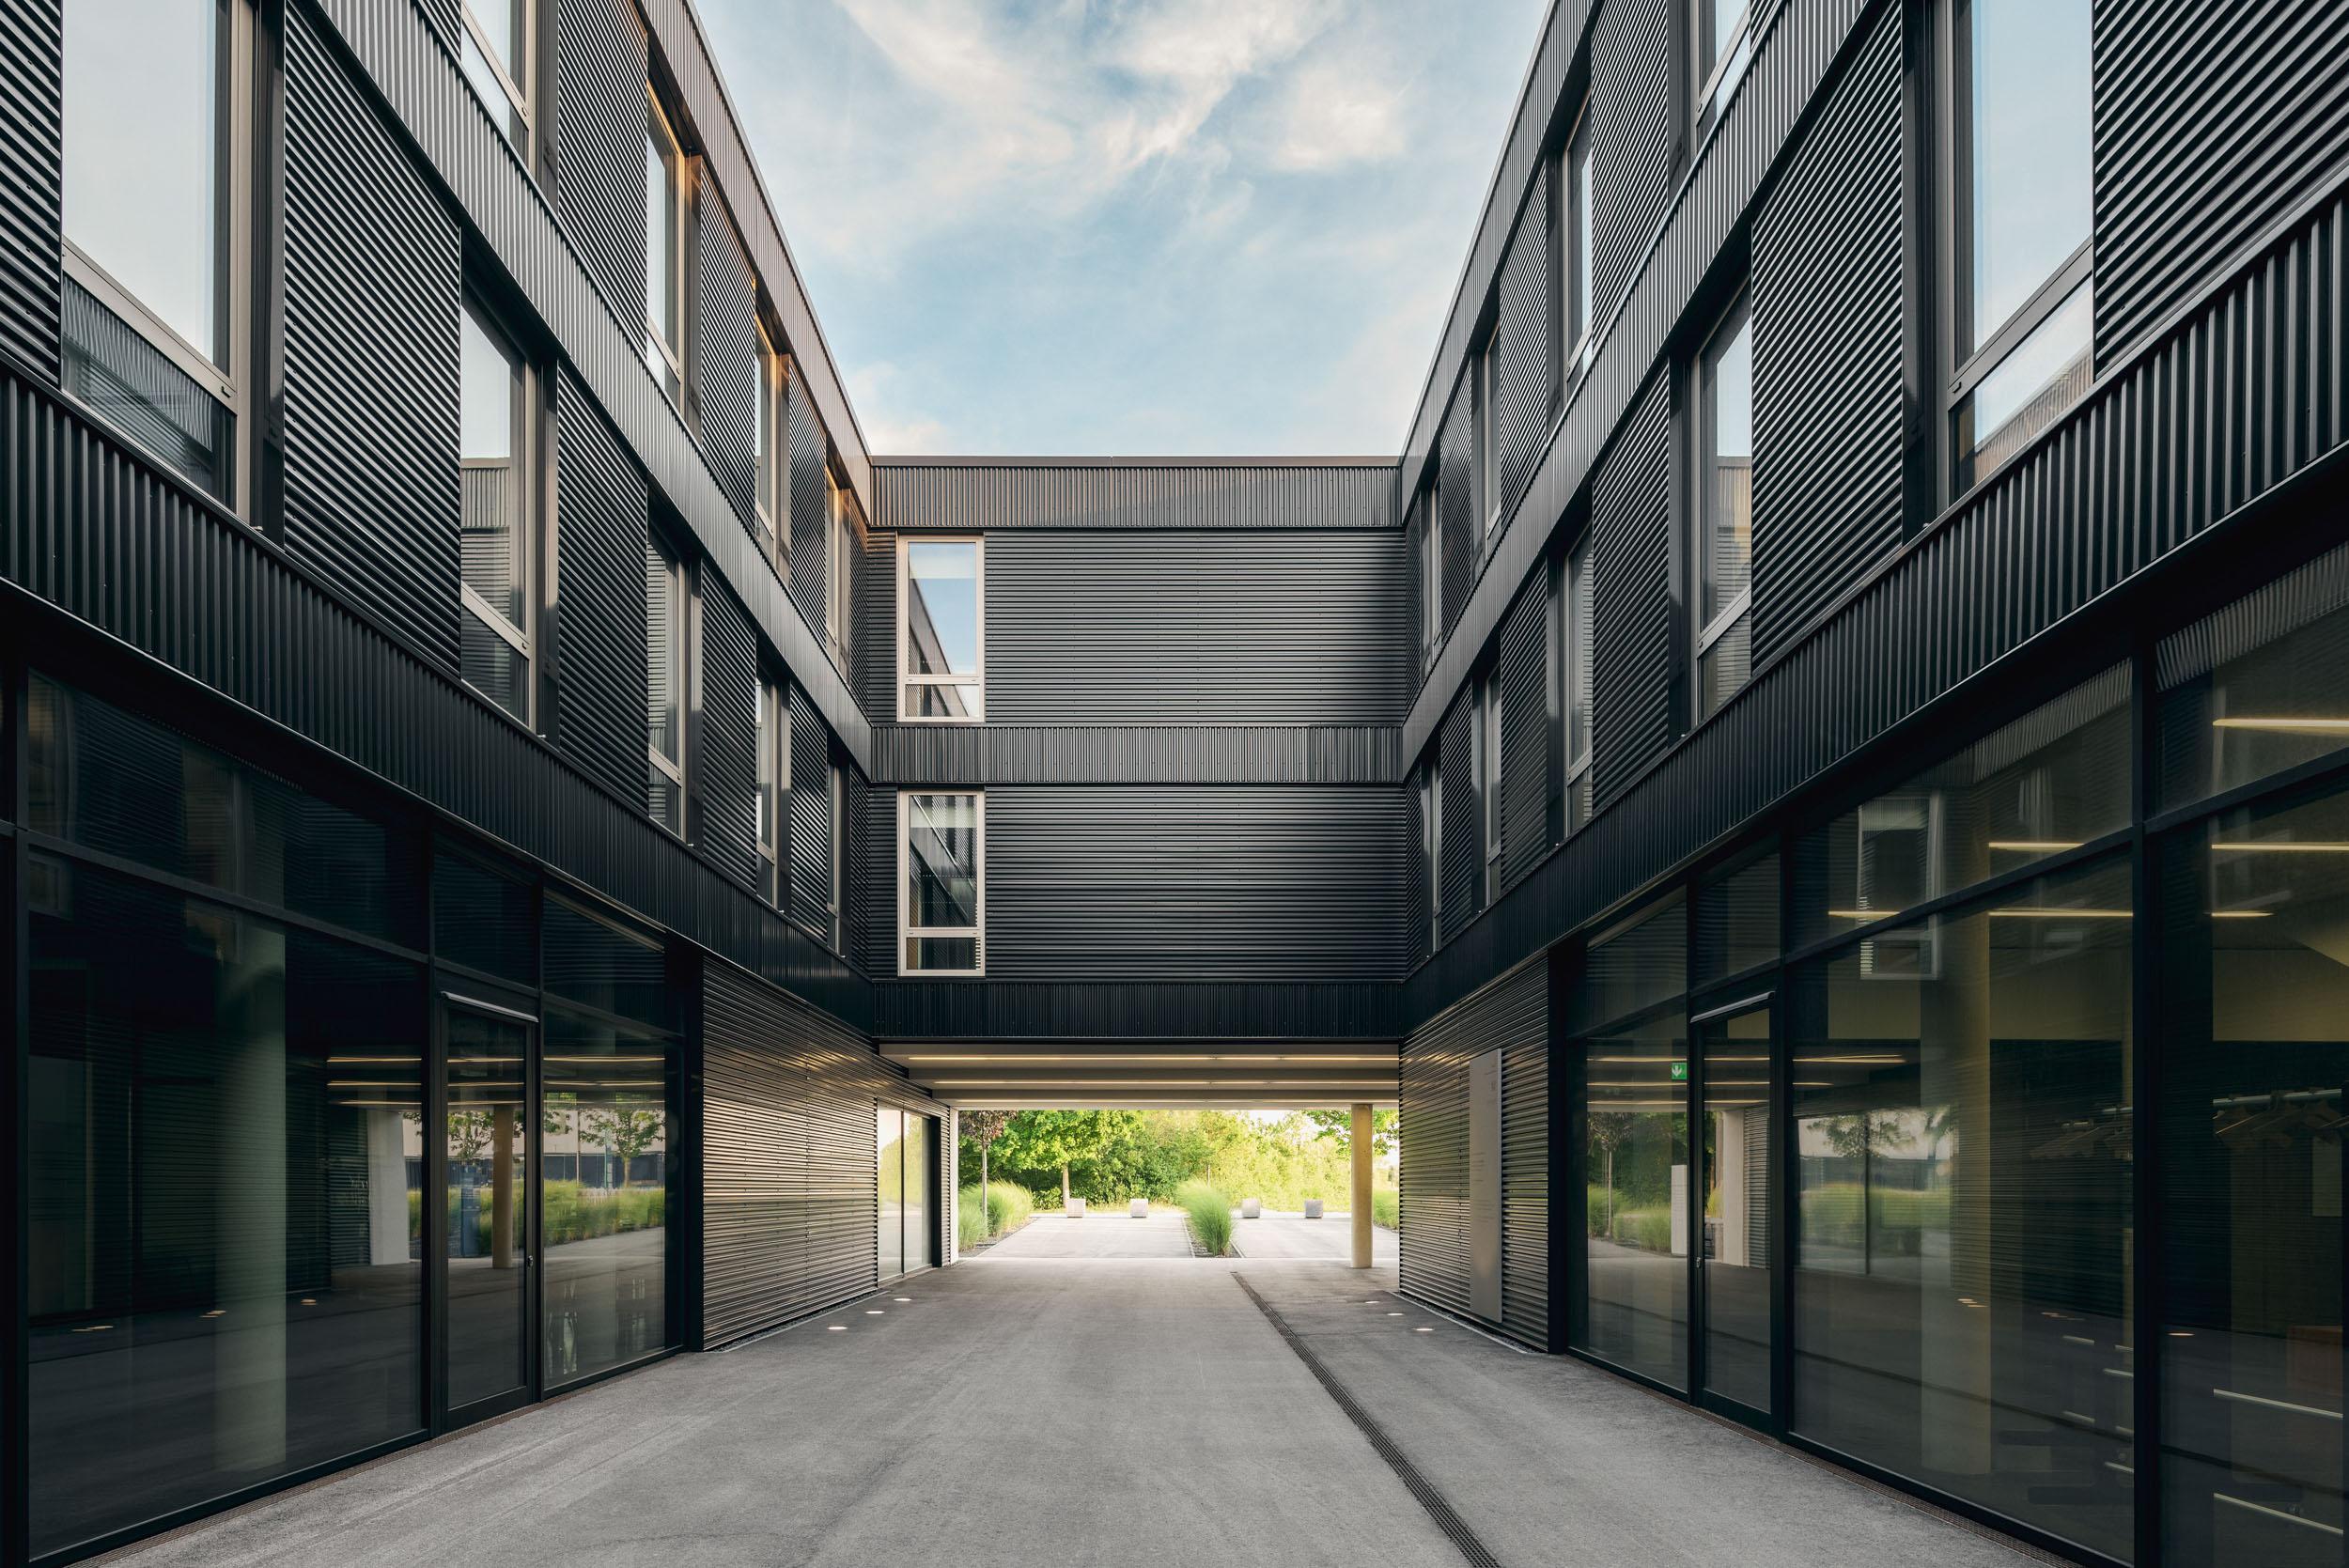 Gustav-Epple-Bauunternehmung-TUM-Campus-München_MLX4189